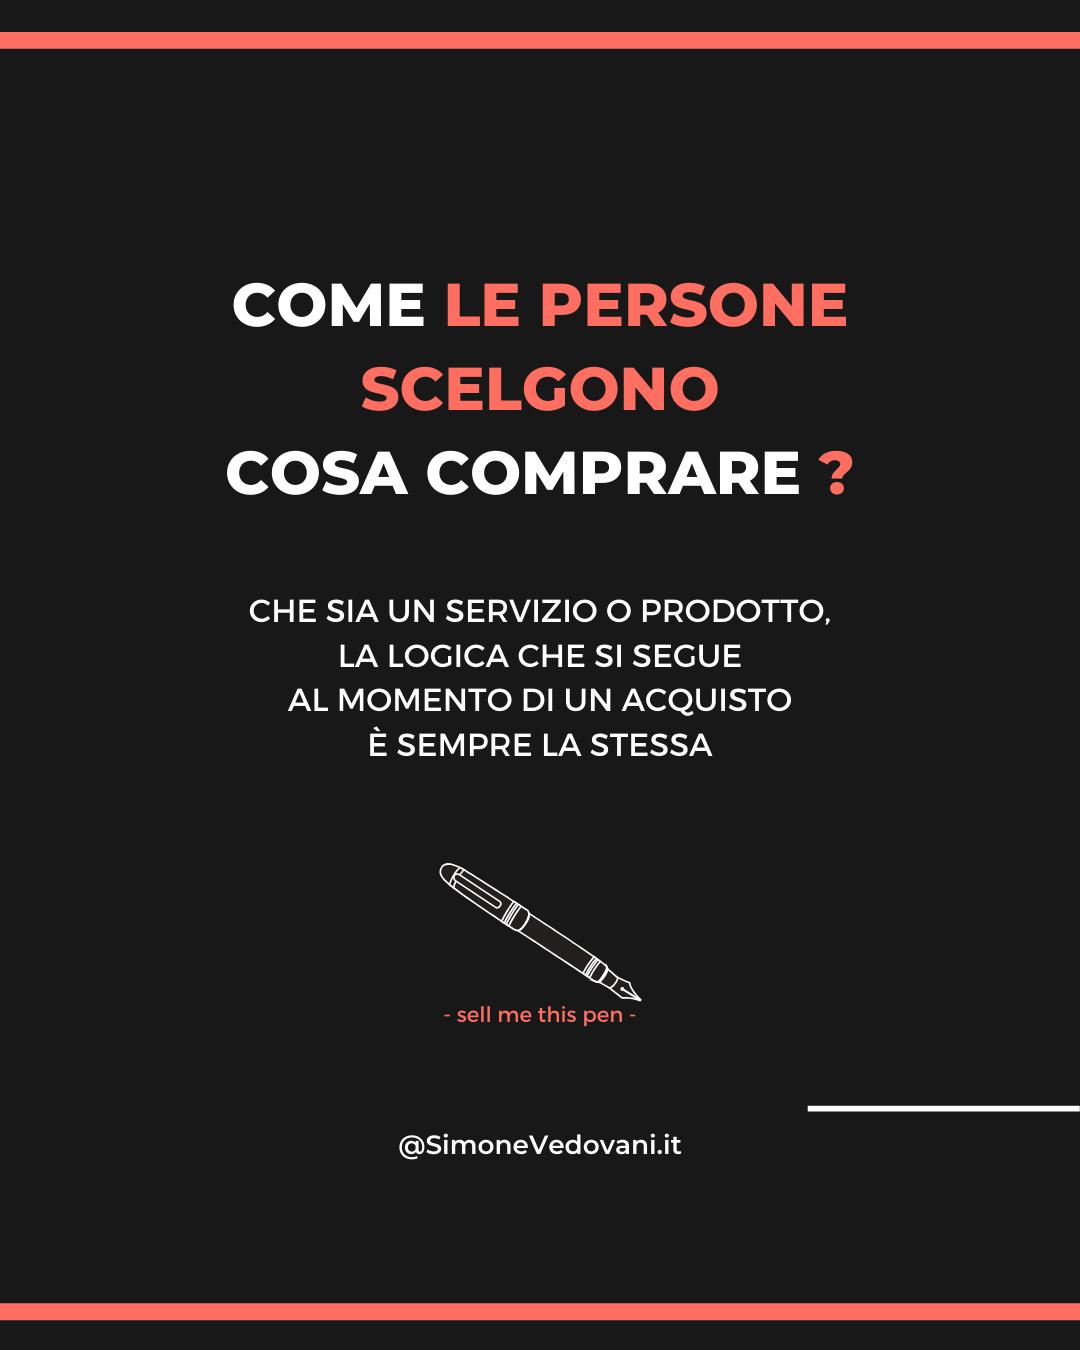 Clicca E Scopri Il Post Completo Su Instagram Simonevedovani It